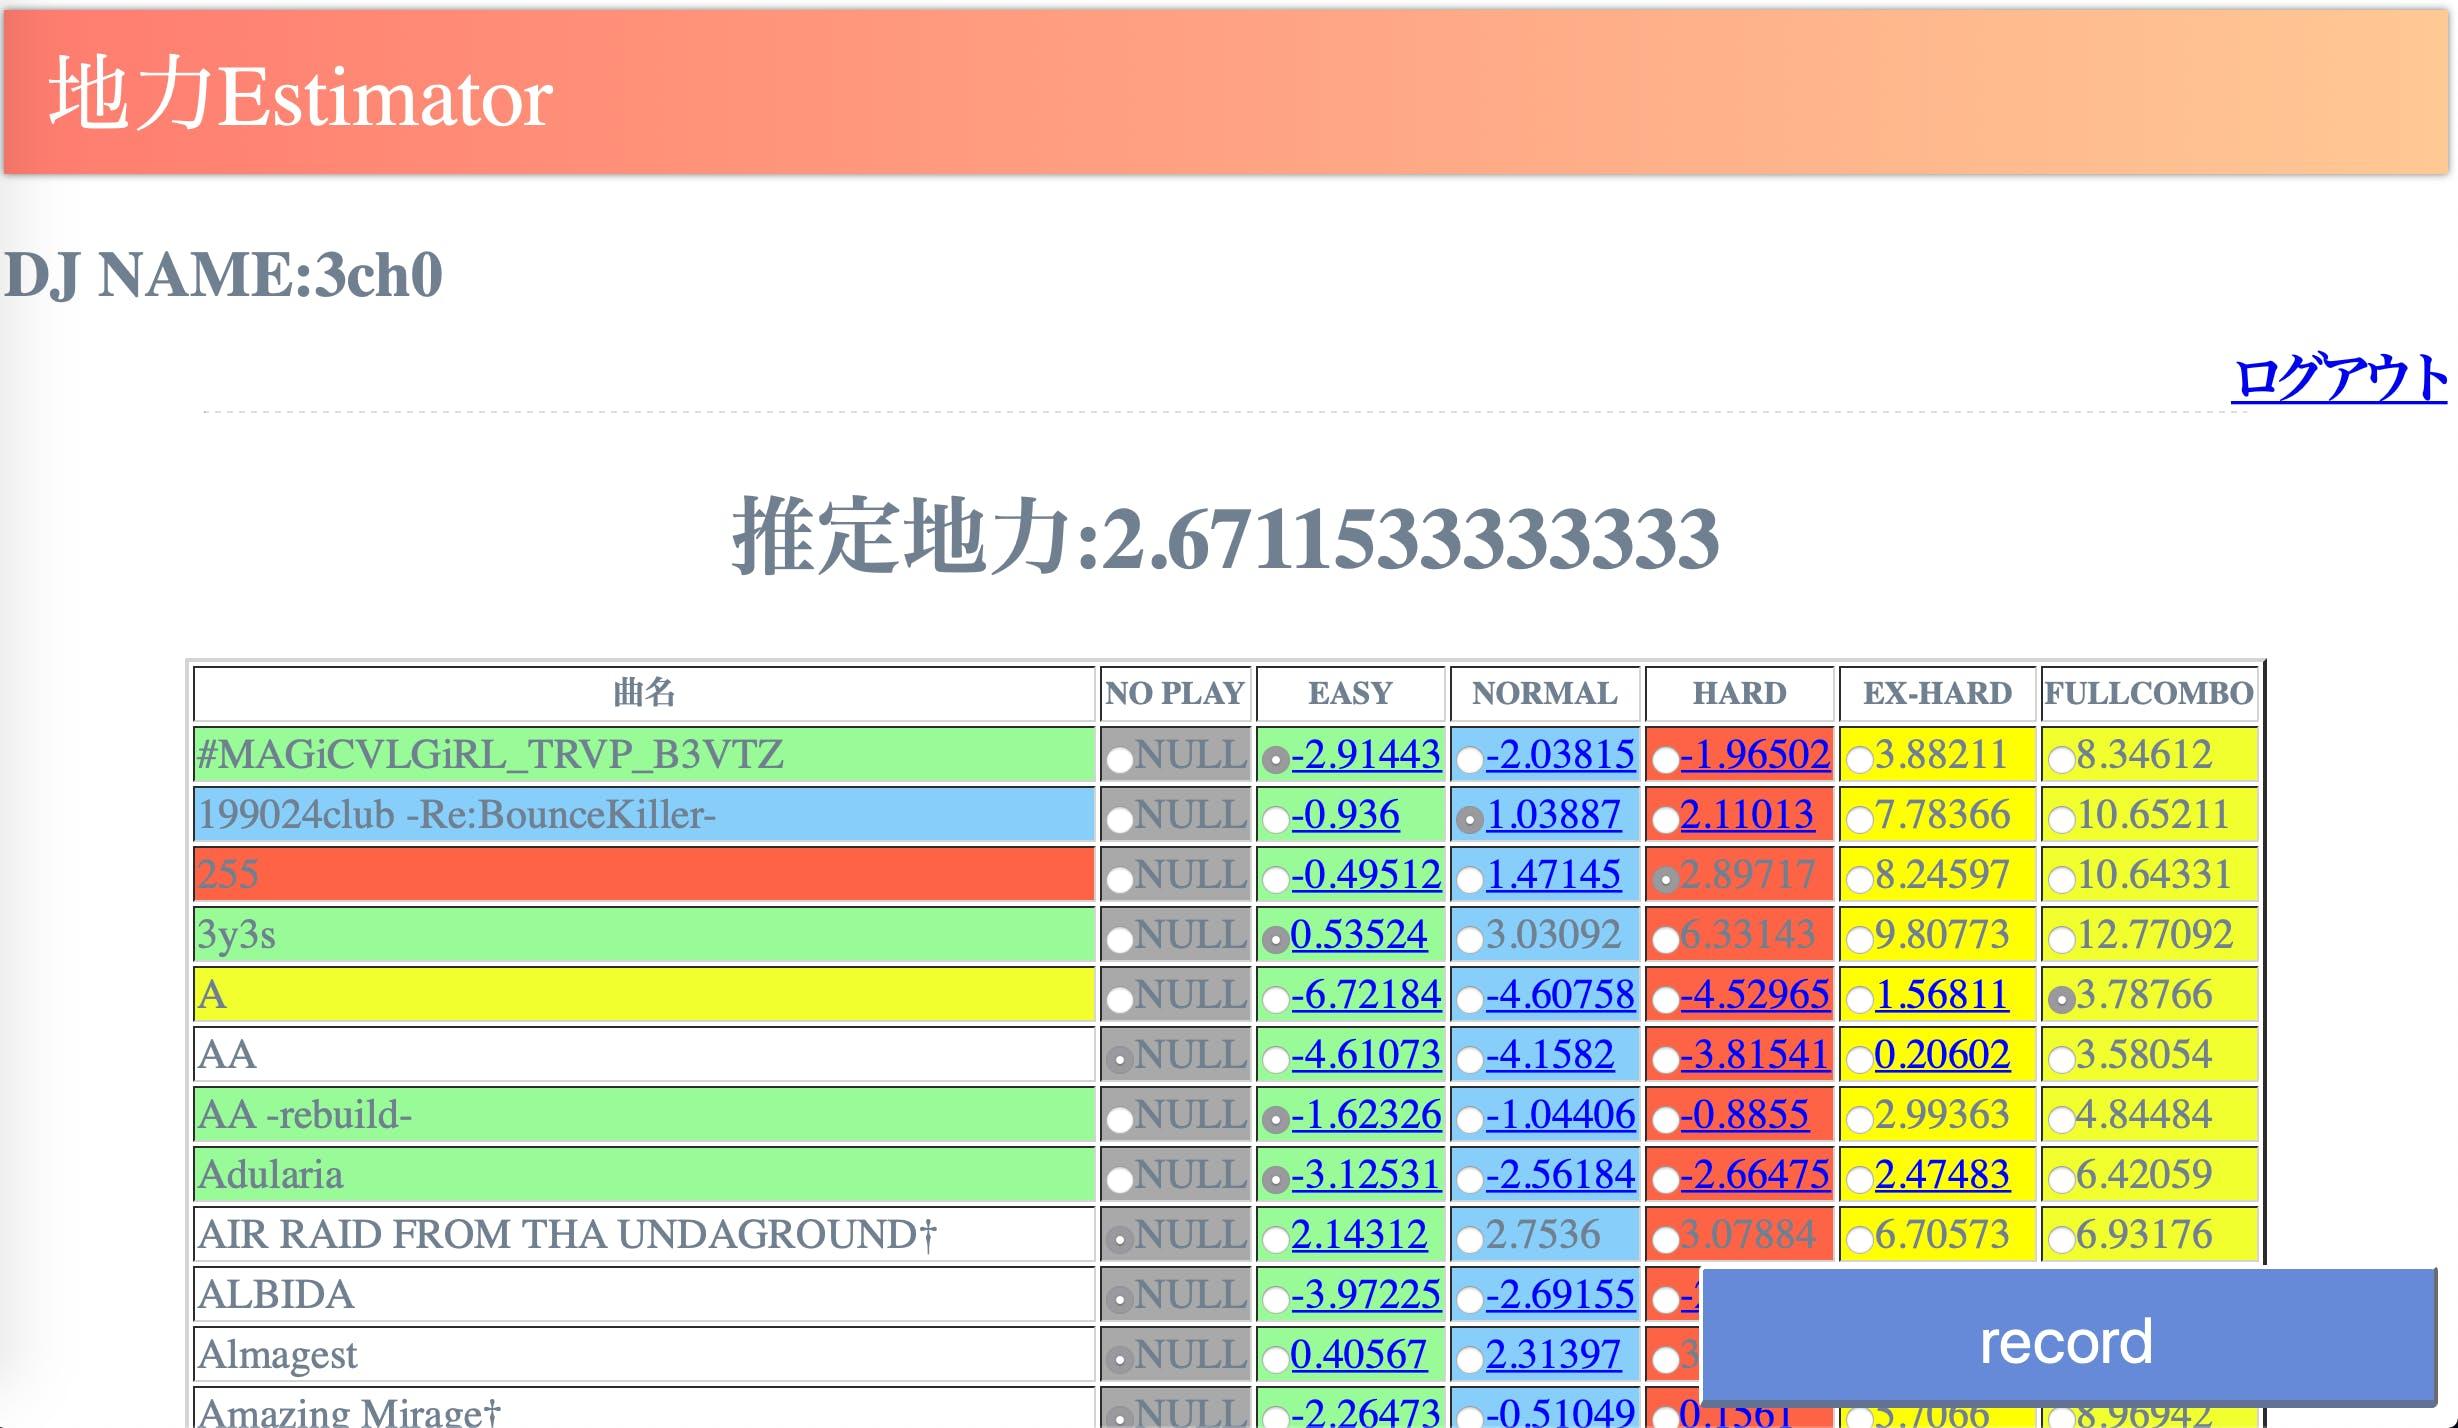 スクリーンショット 2019-12-03 15.30.42.png